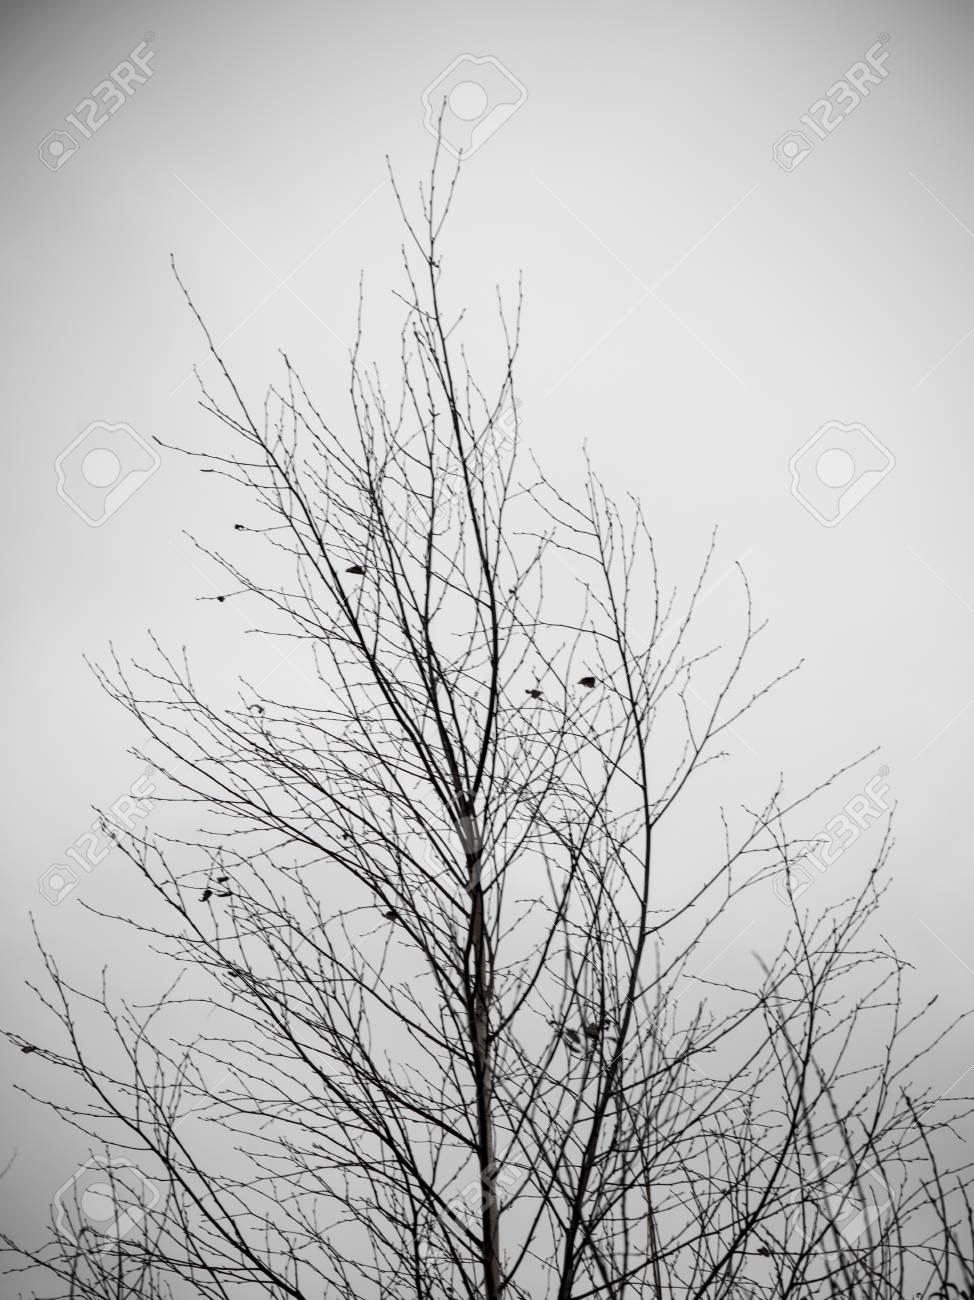 Immagini Stock - Rami Secchi E Piante Secchi Su Sfondo Bianco. Aspetto  Vintage Retrò Aspetto Retrò Image 77670409.